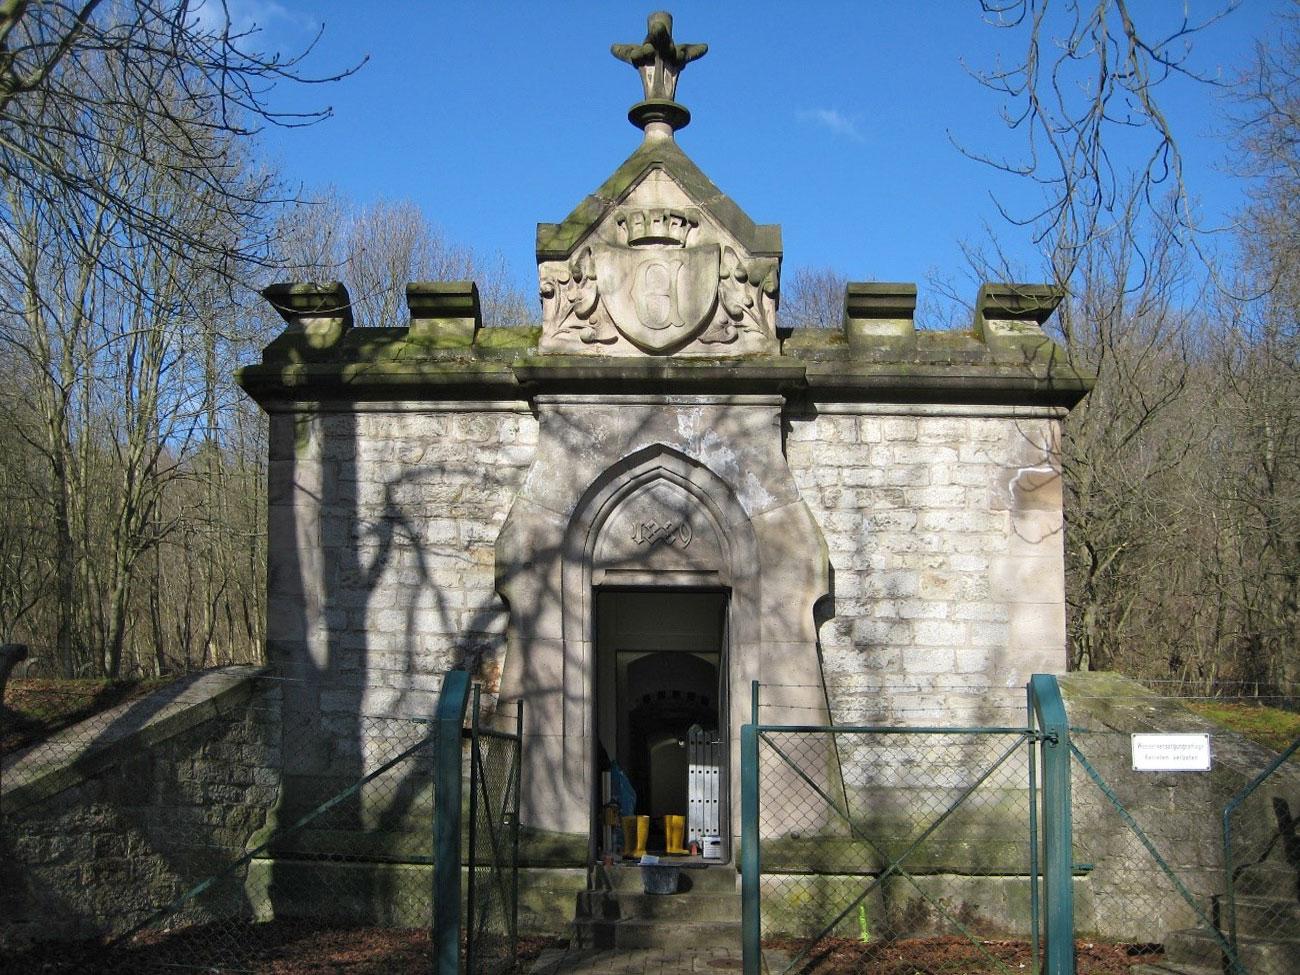 Historische Fassade eines Trinkwasserbehälters